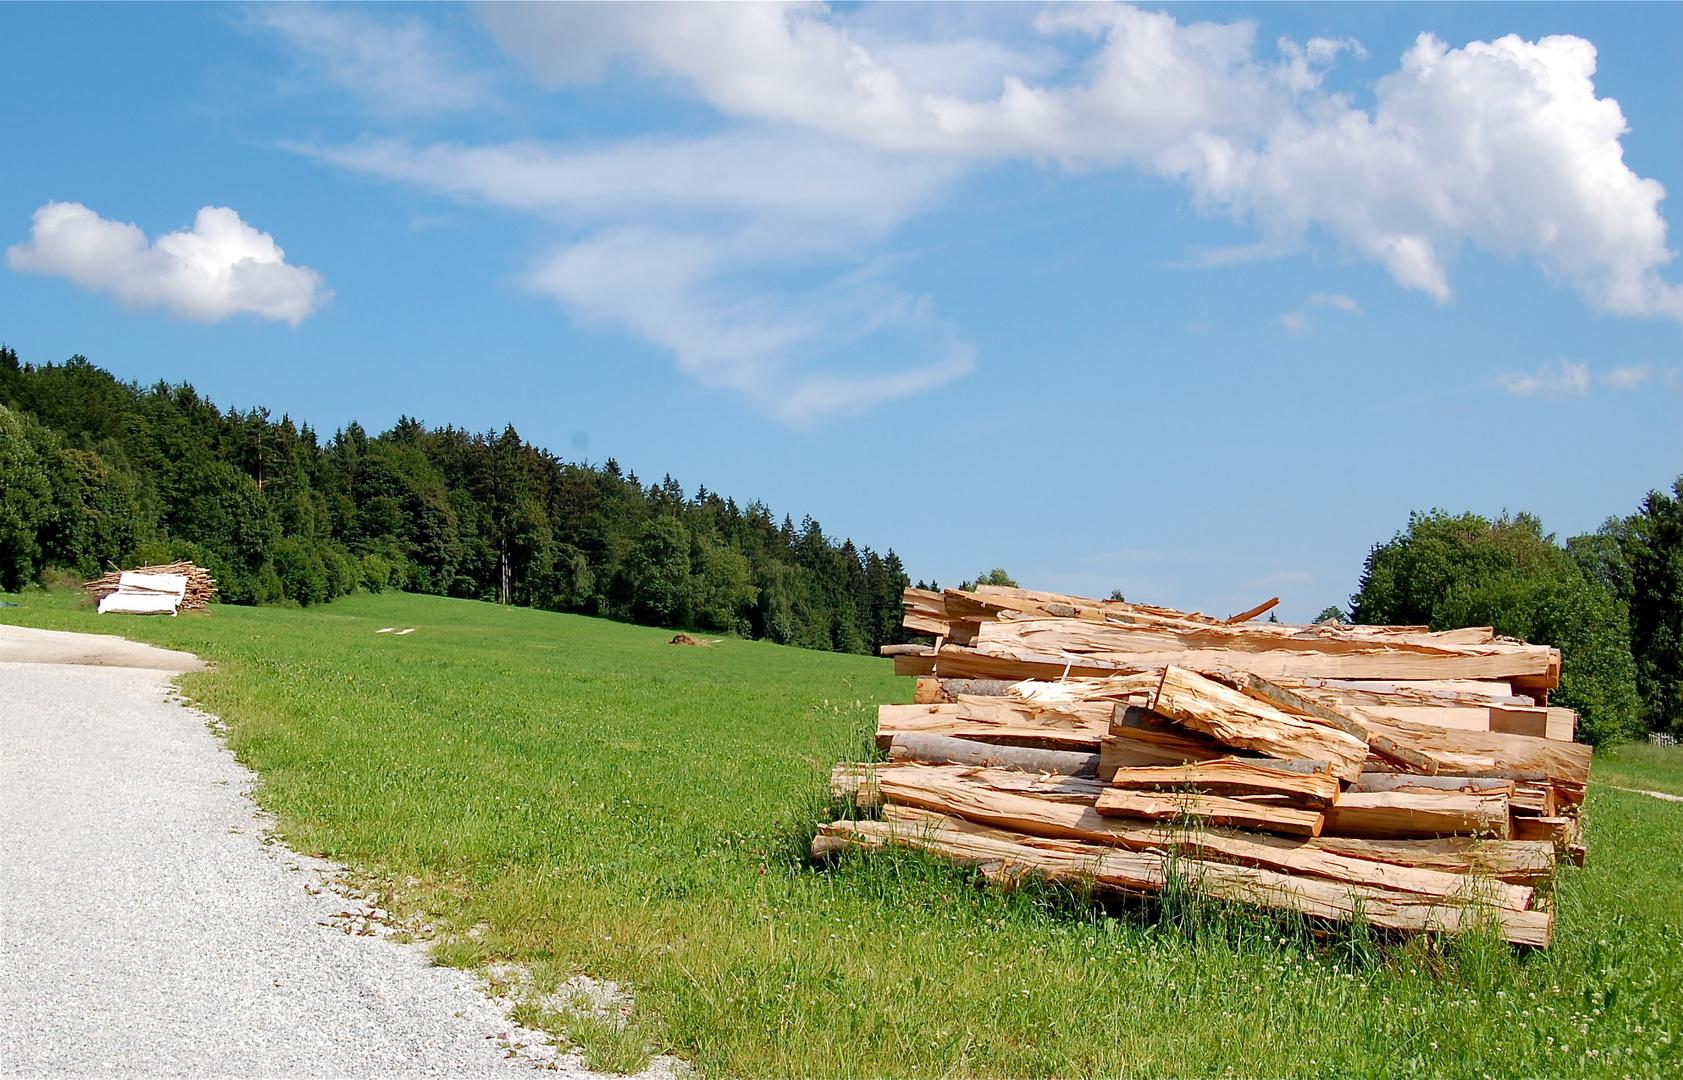 Und überall liegen Holzstapel…